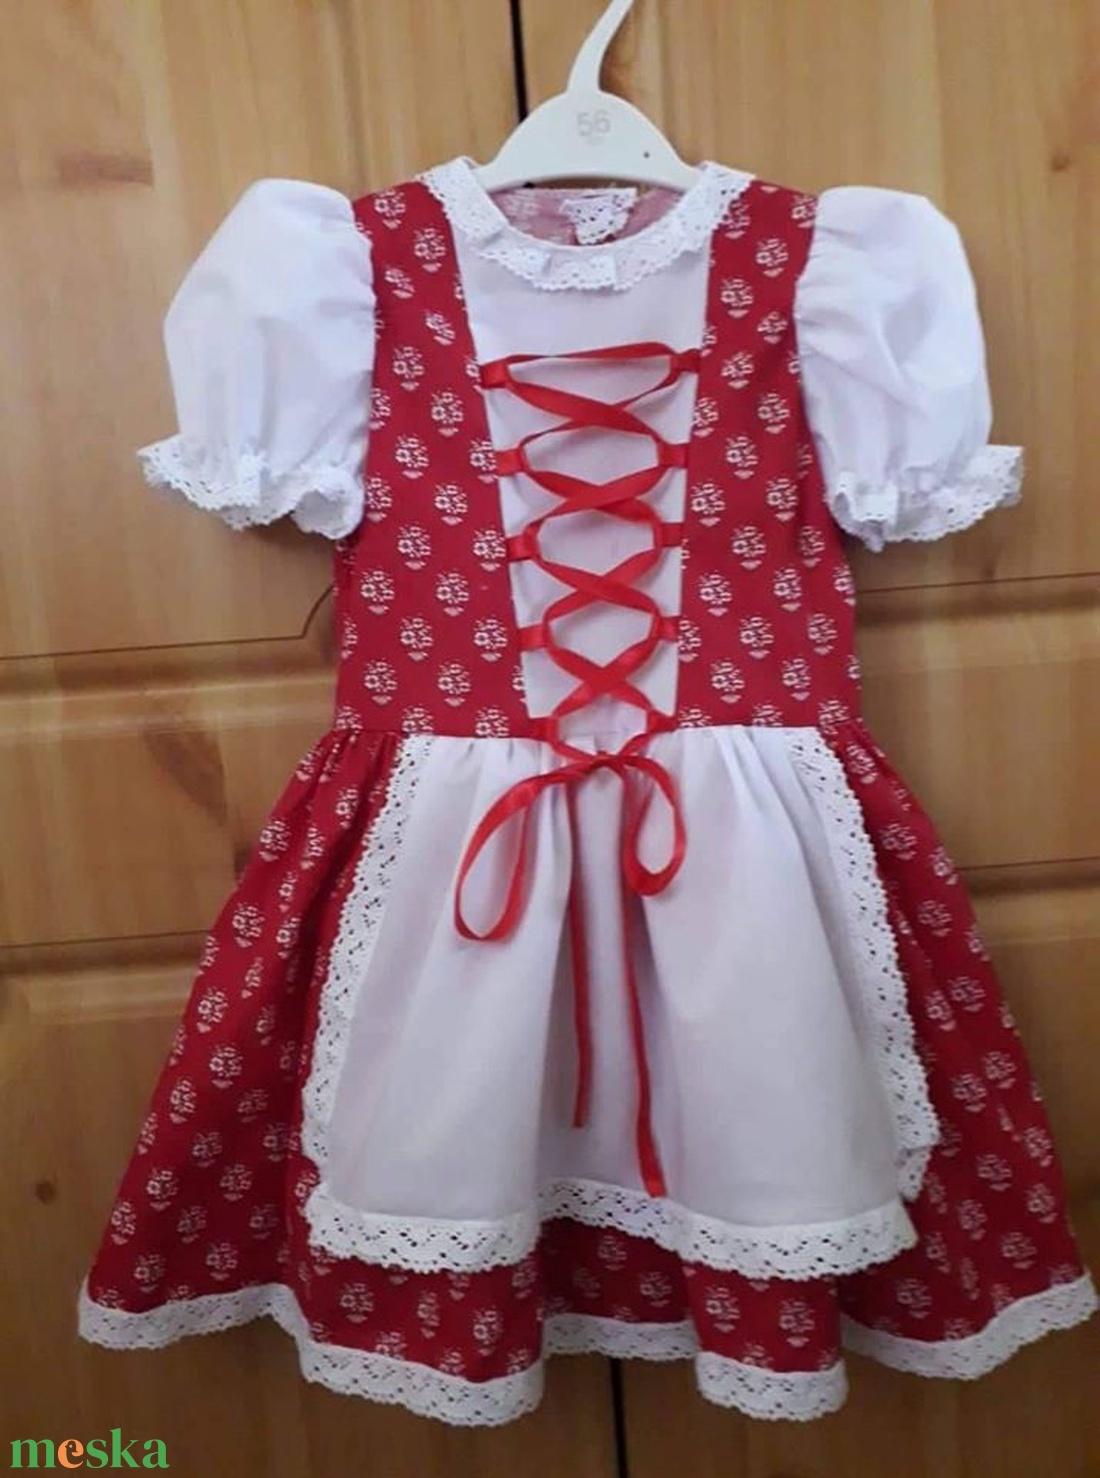 Magyaros ruha (56-98-as méret) - ruha & divat - babaruha & gyerekruha - ruha - Meska.hu